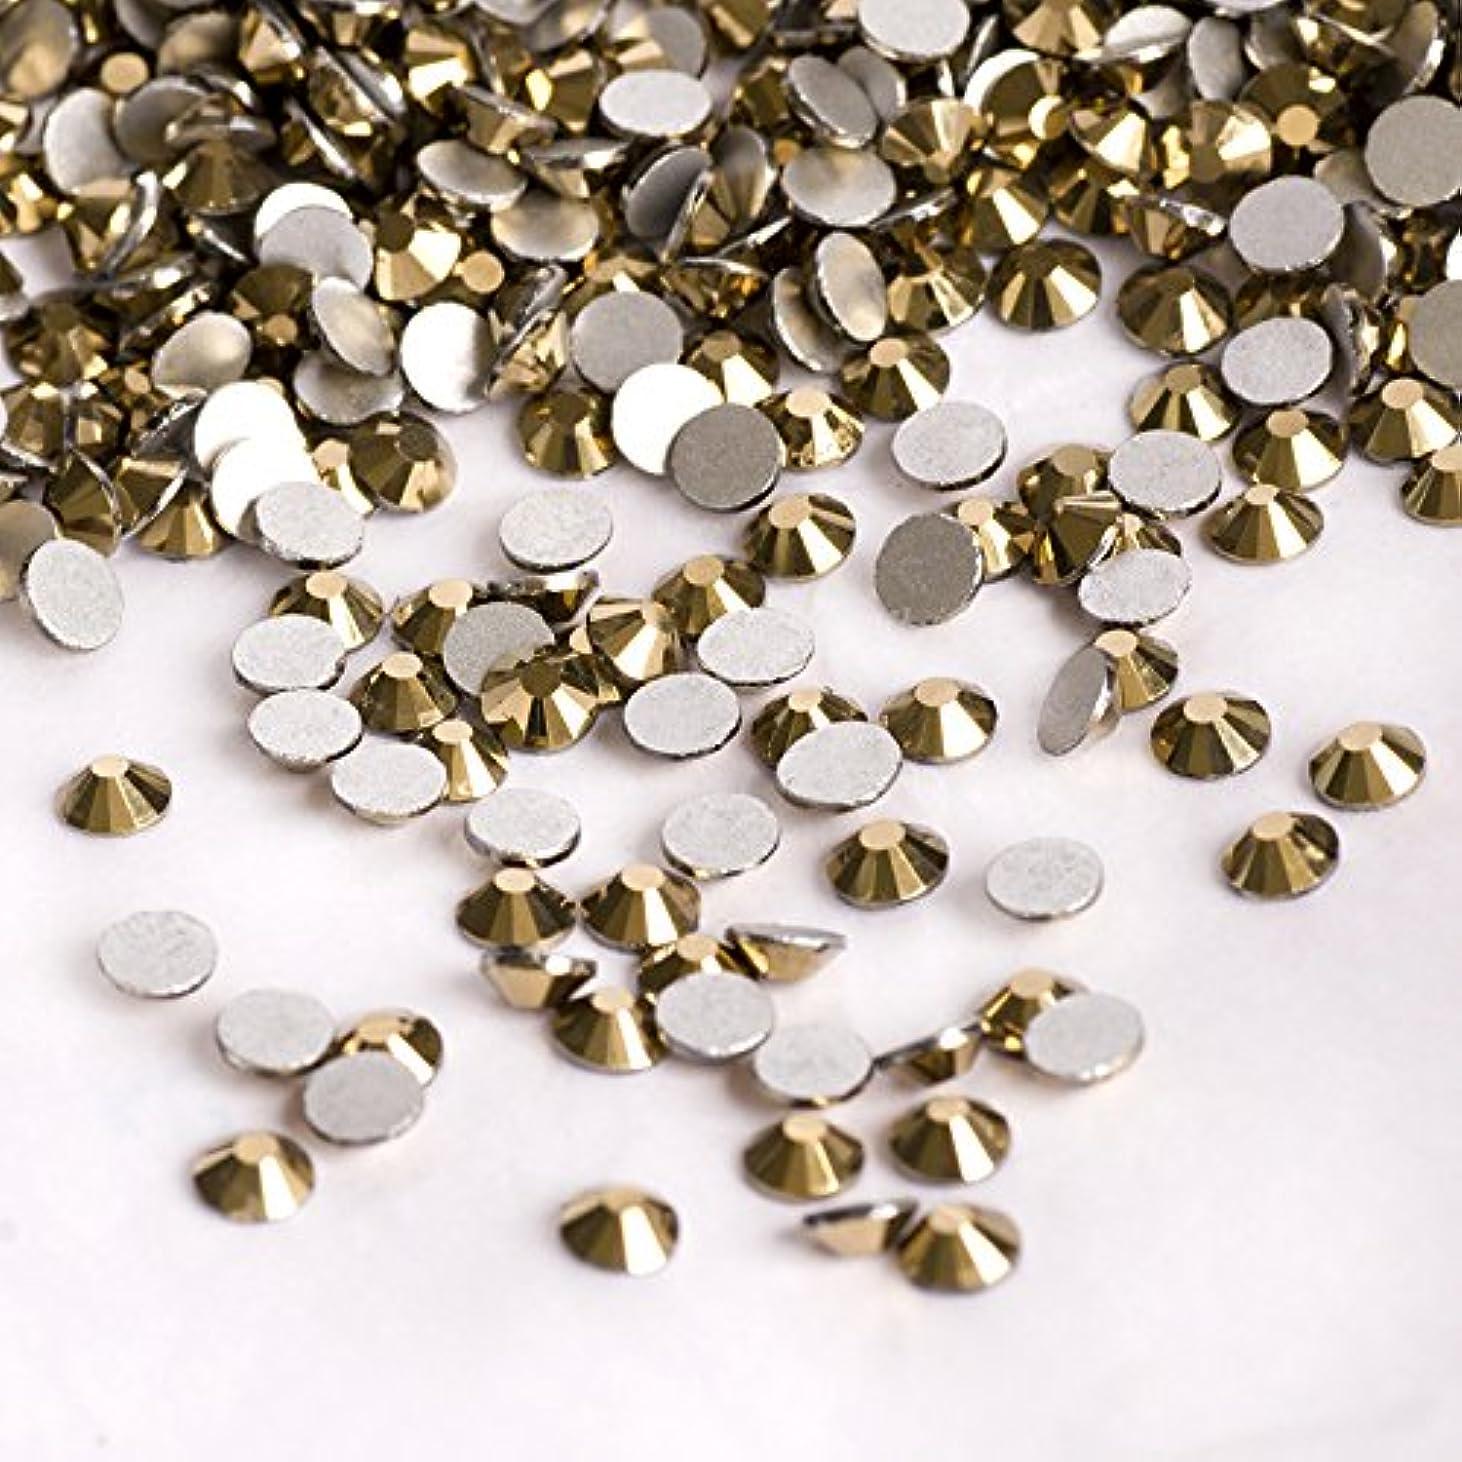 ランダム等受粉する高品質ガラス製ラインストーン ゴールド 業務用パック1440粒入り ネイル デコ レジンに (2.4mm (SS8) 約1440粒) [並行輸入品]